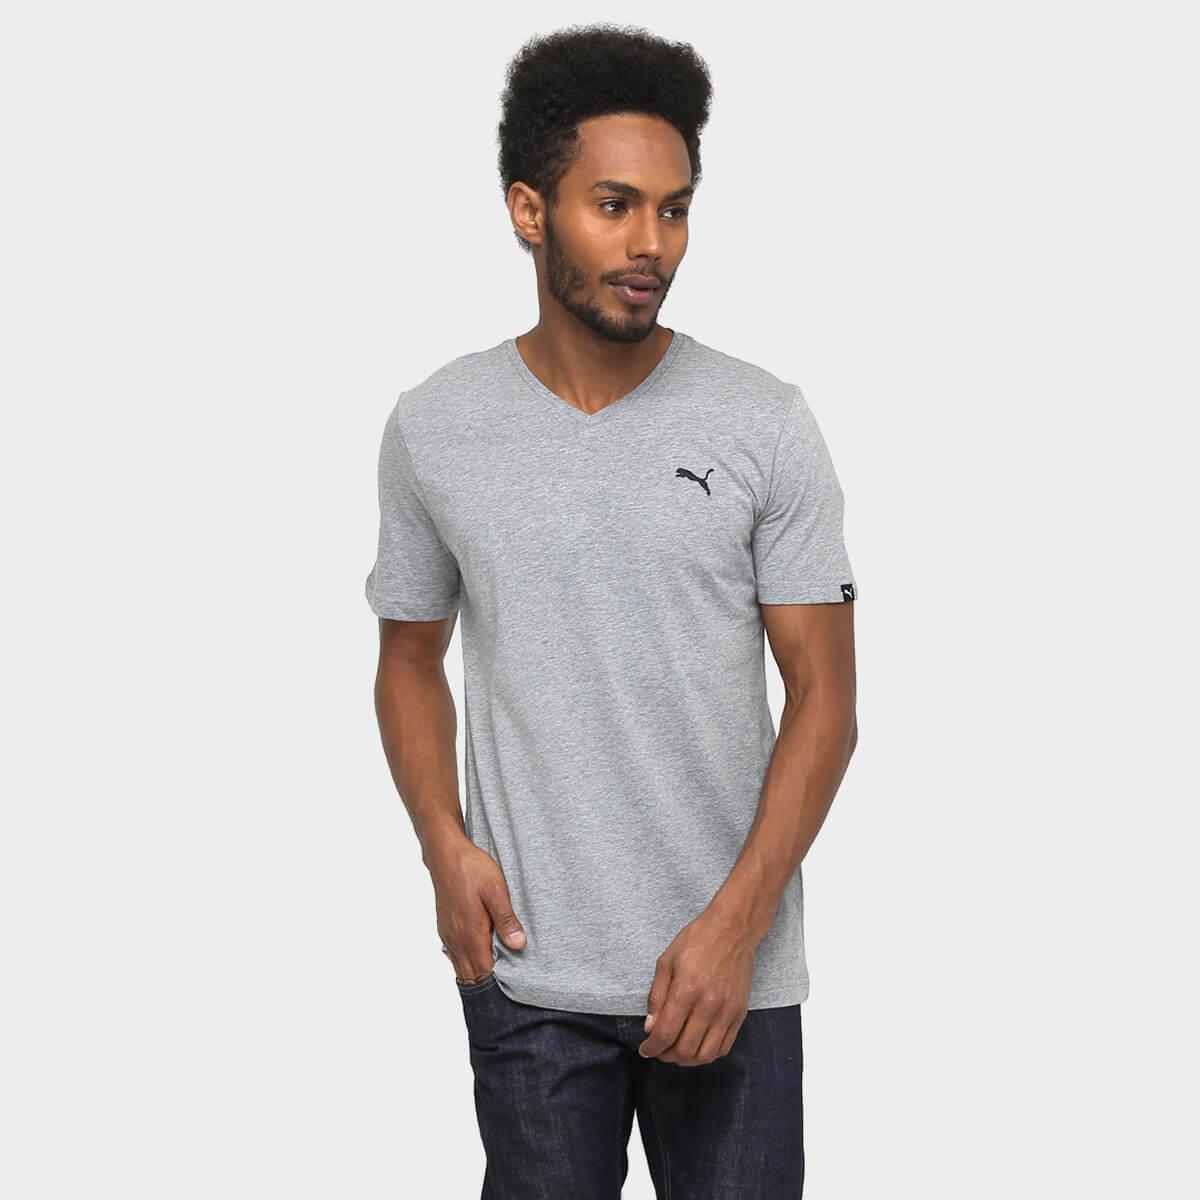 Camiseta Masculina Puma V-neck Drycell